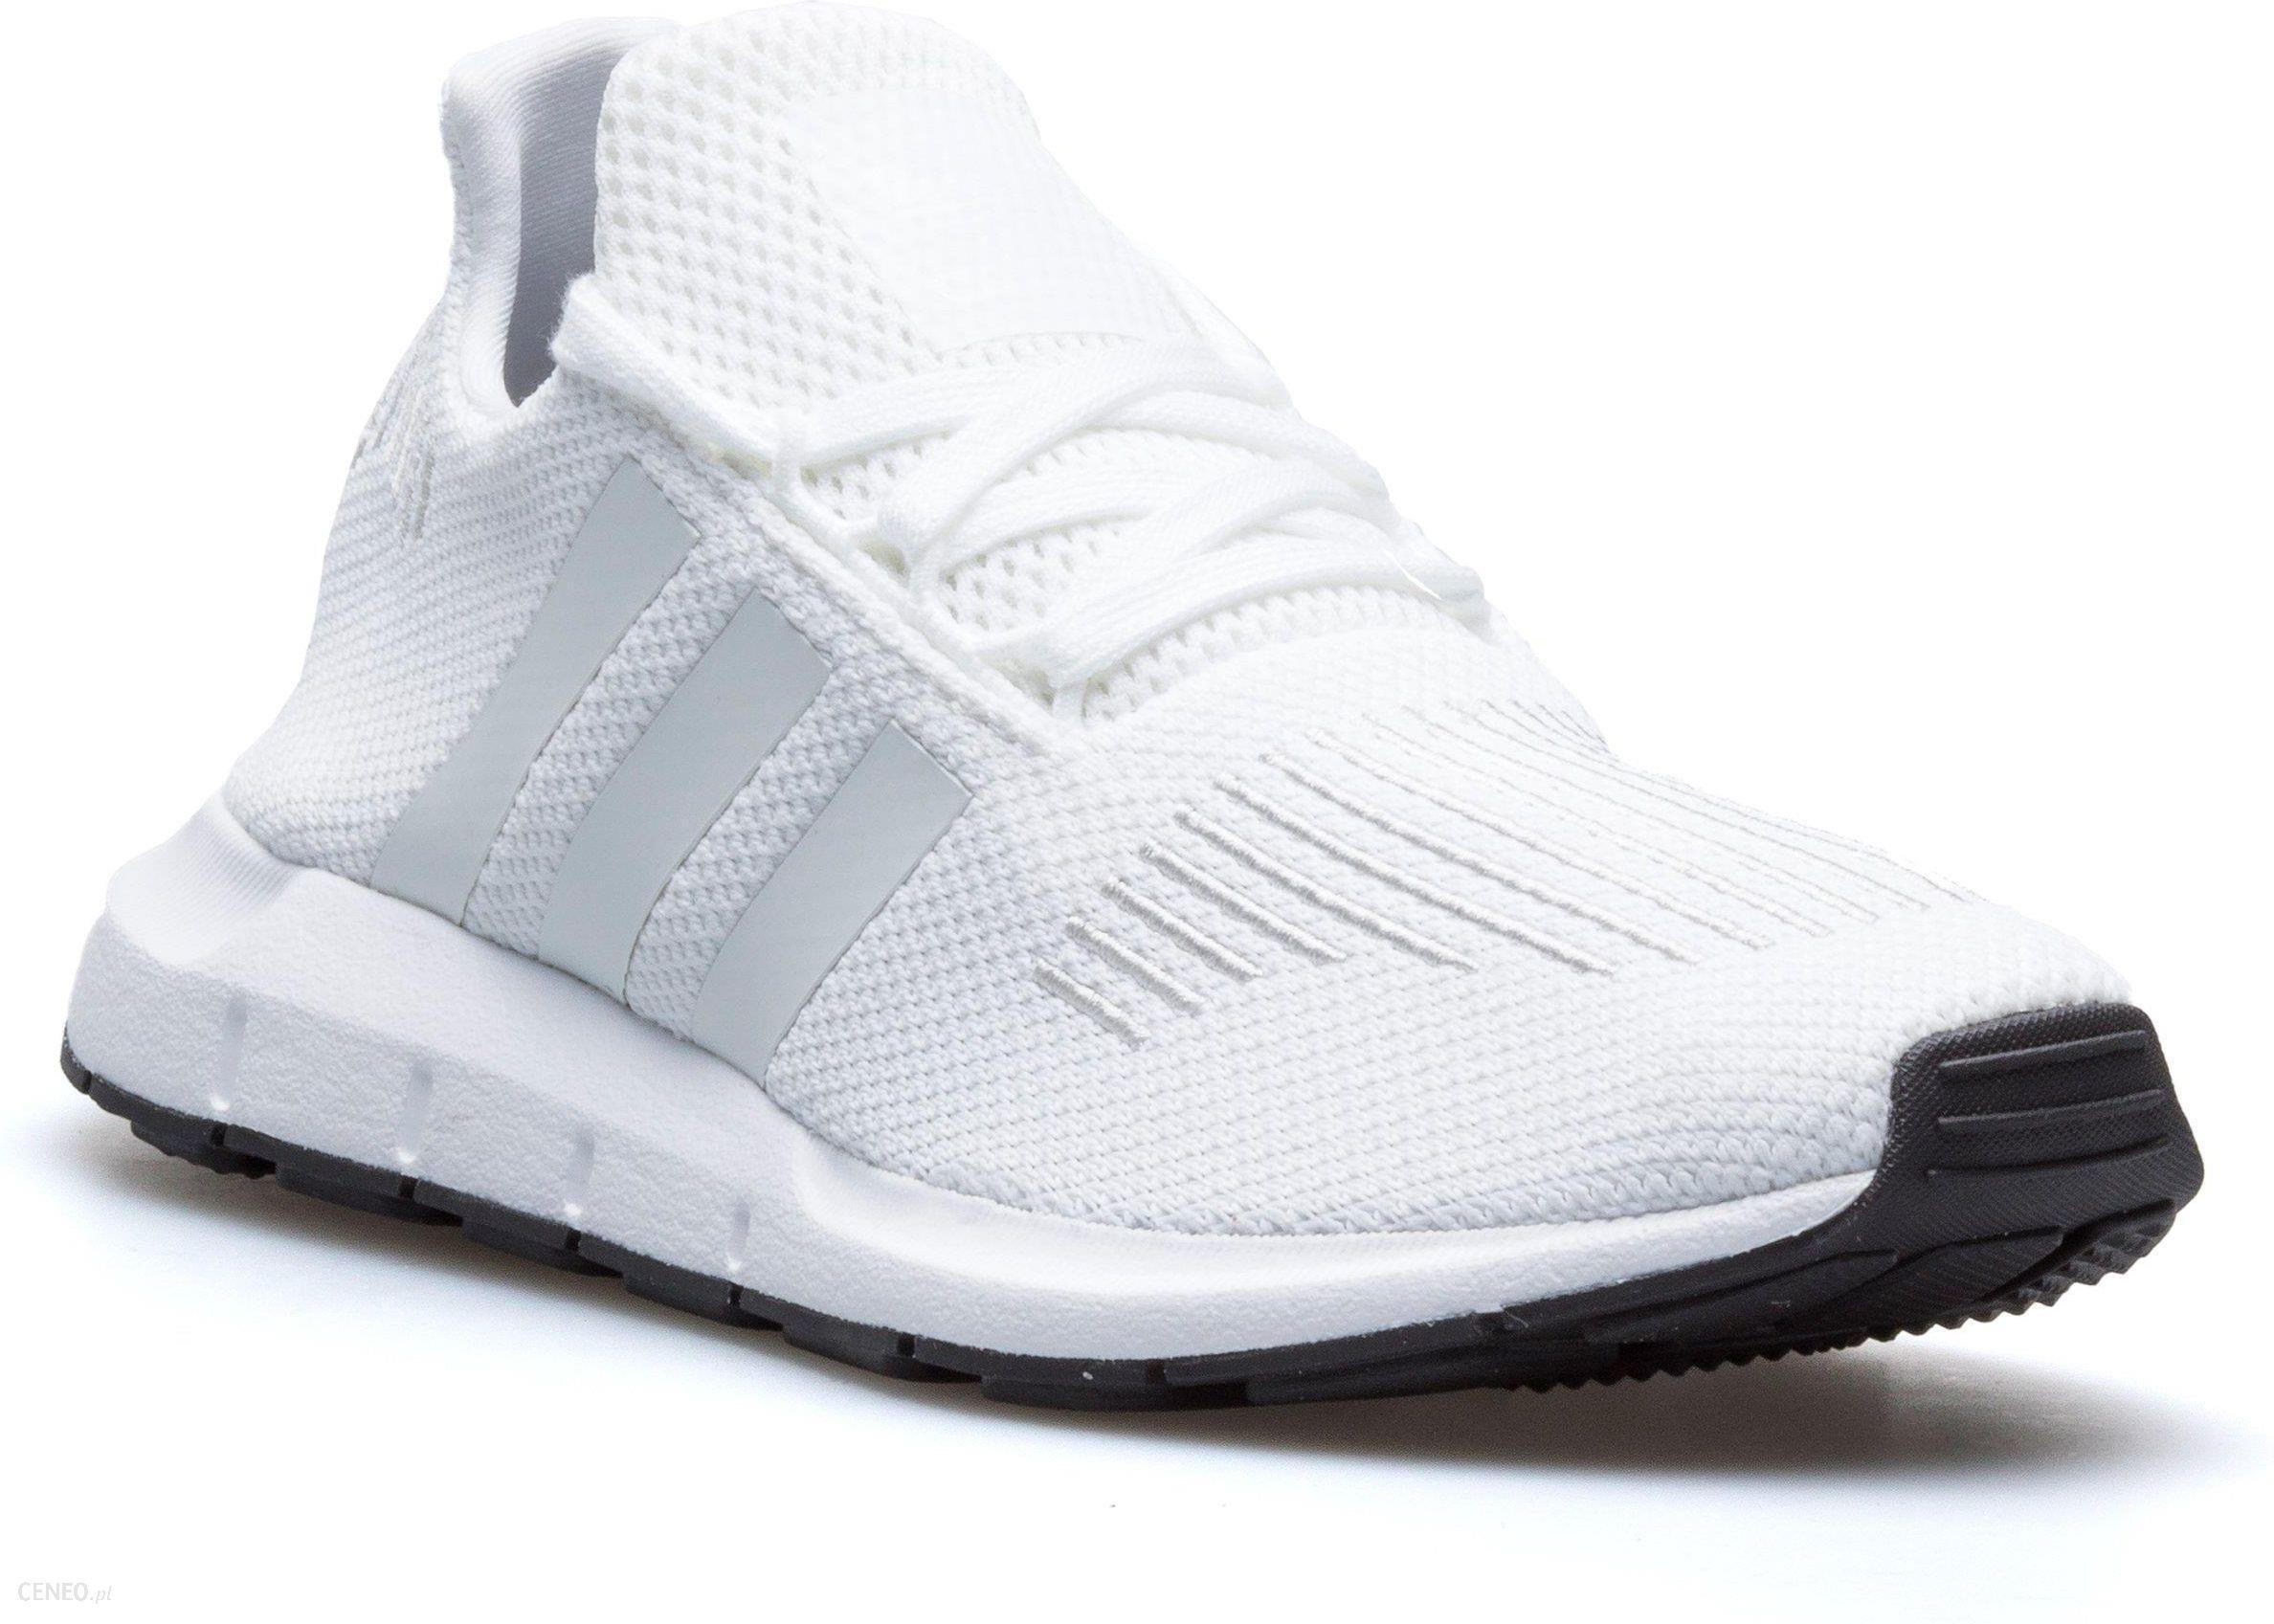 Buty damskie adidas Swift Run J CM7920 r. 38 23